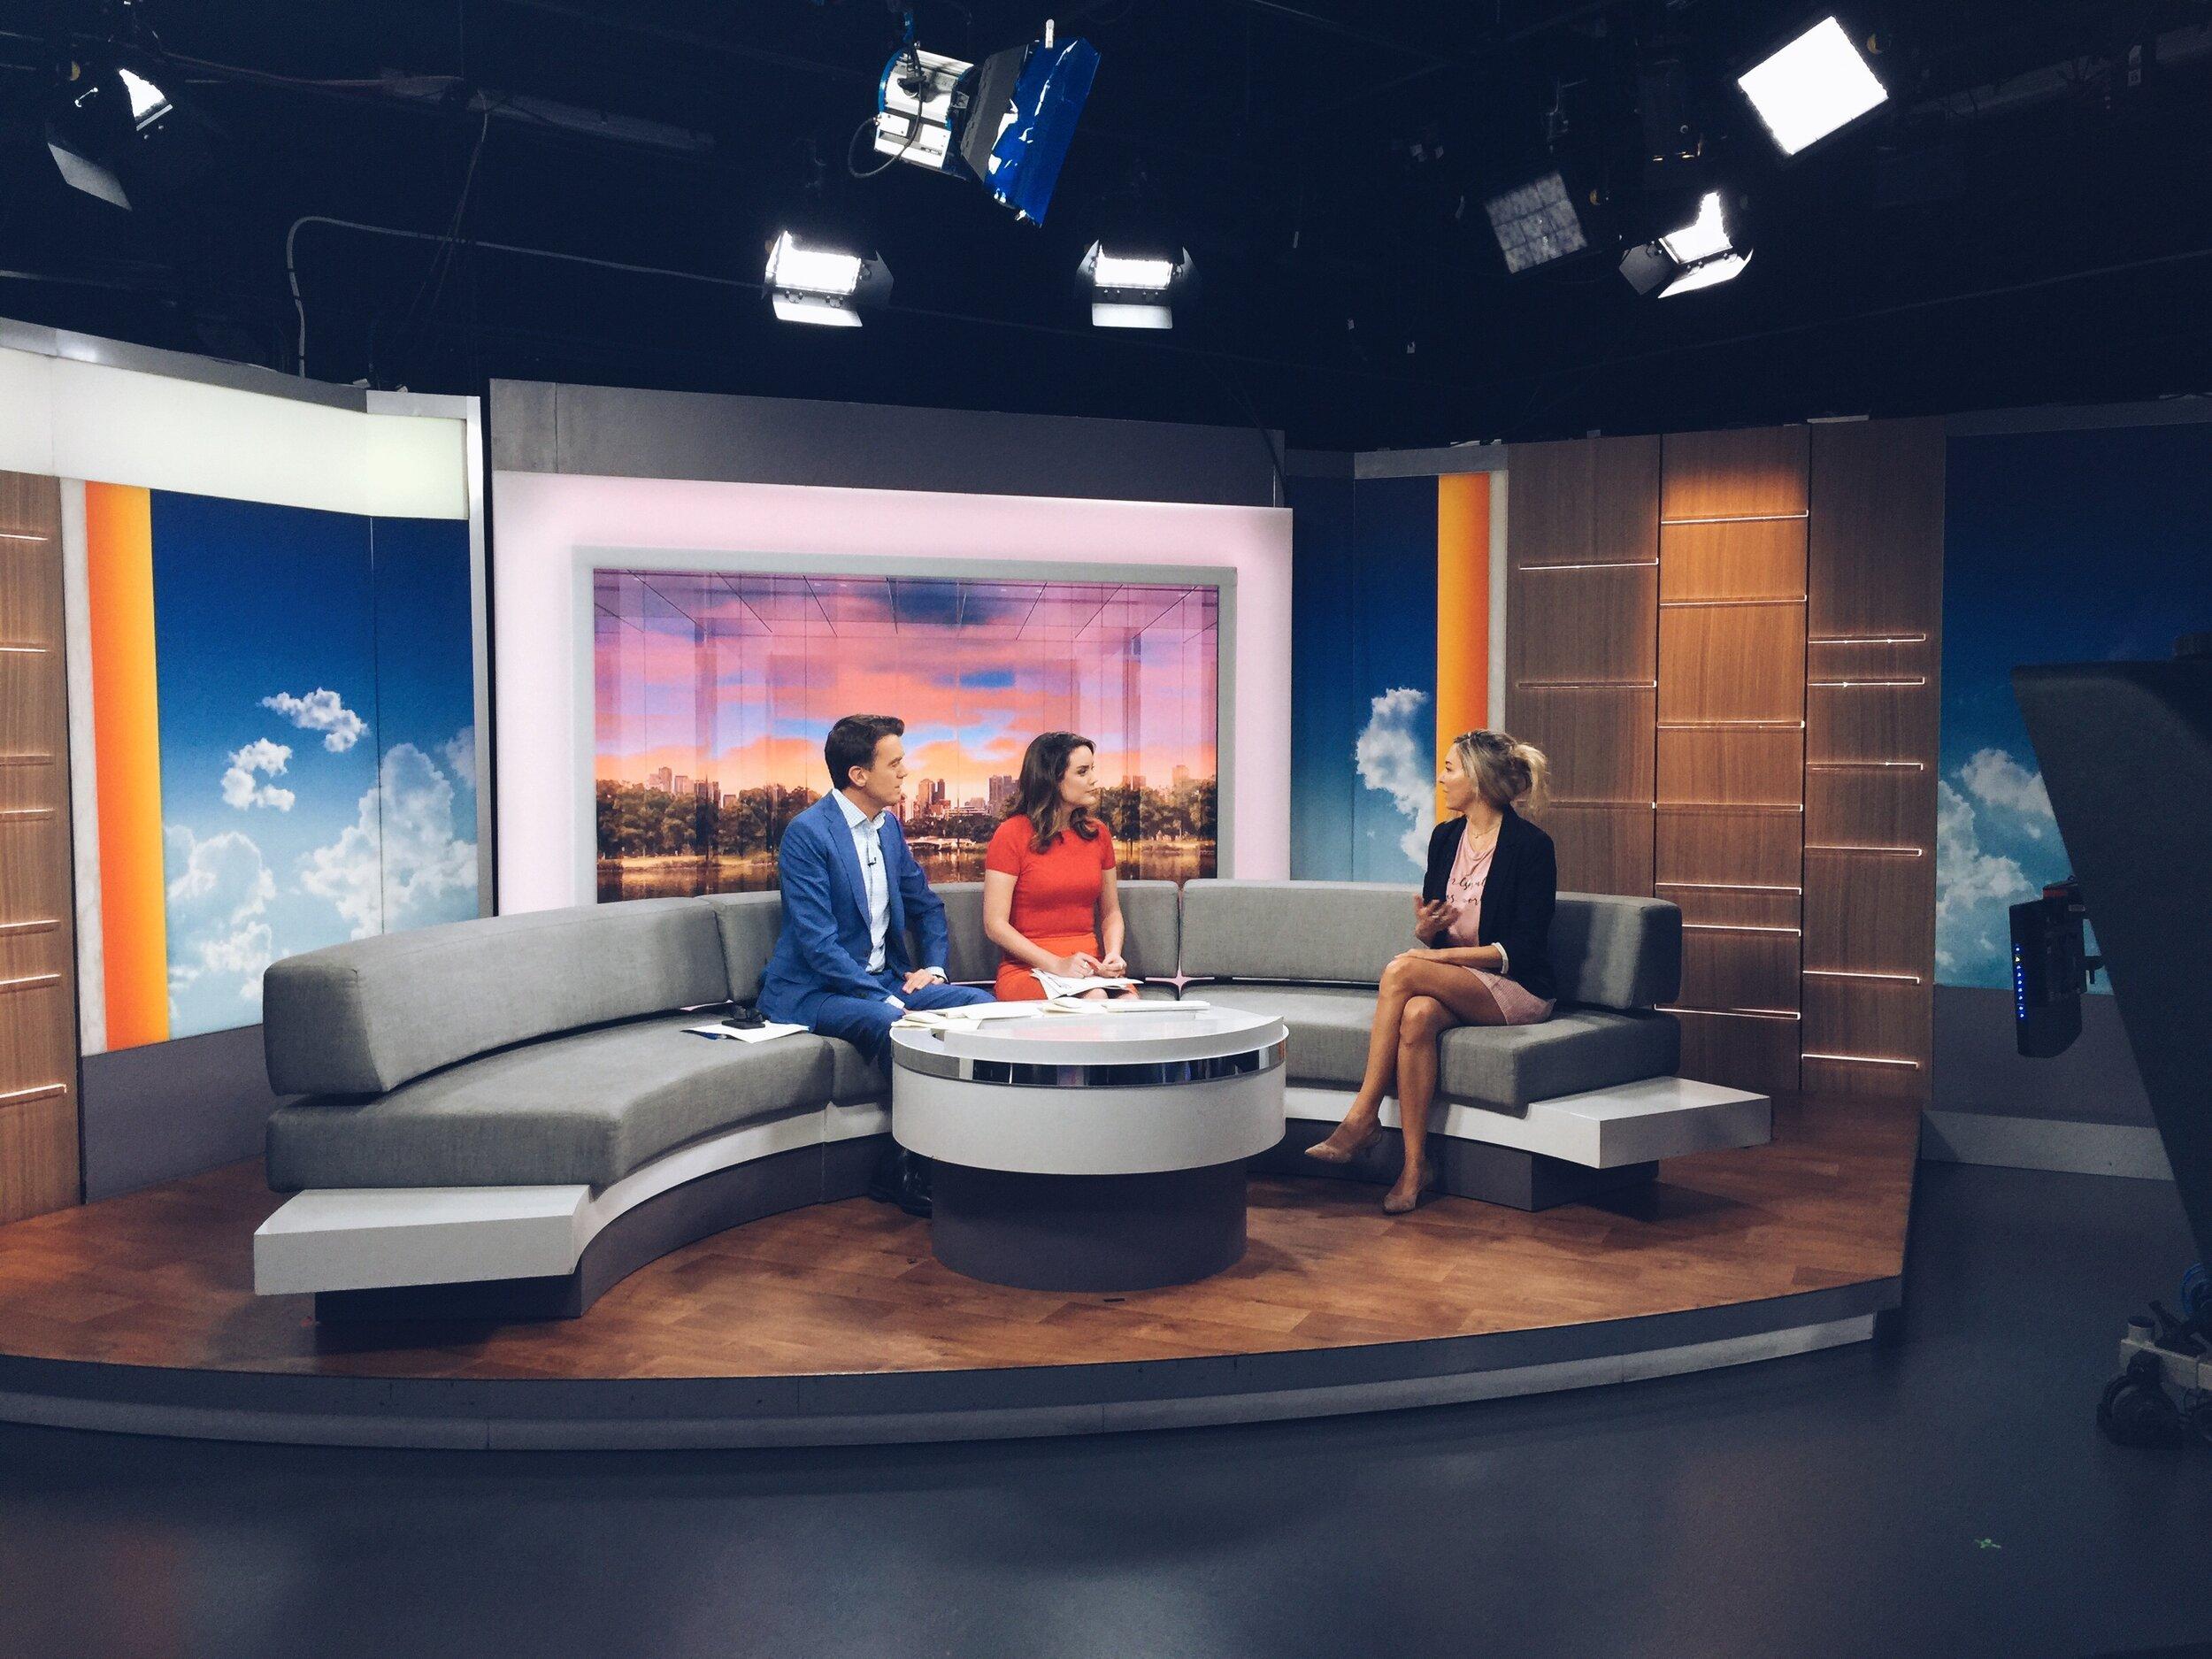 On ABC News Australia talking about her film Balentes cinemas tour